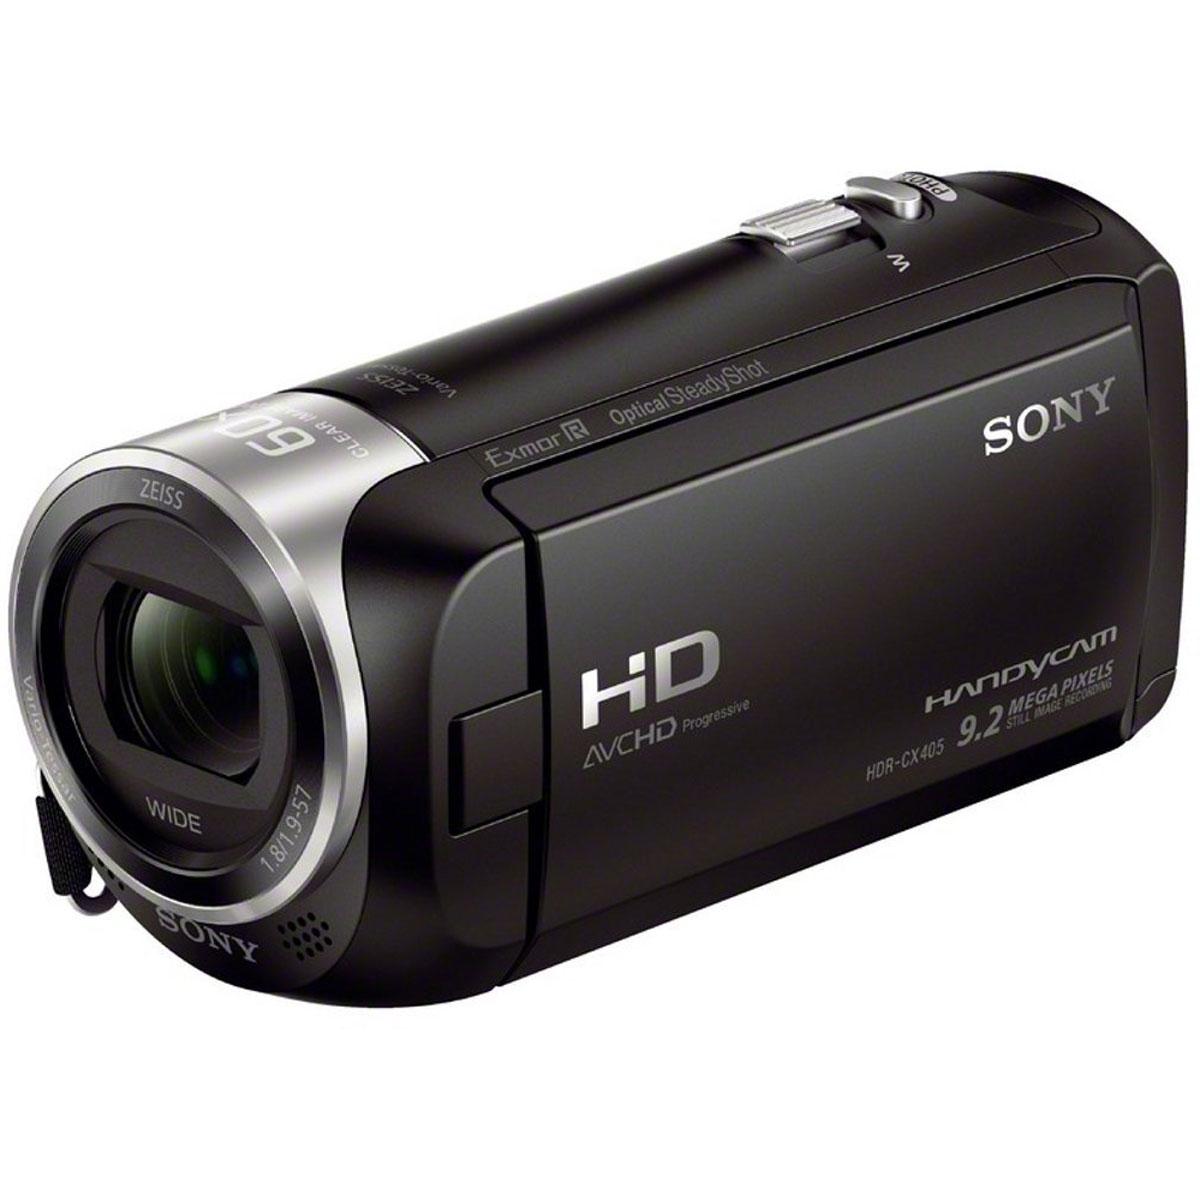 Sony HDR-CX405B видеокамераHDRCX405B.CELВидеокамера Sony HDR-CX405B с возможностью записи в форматах HD и XAVC S и технологией стабилизации изображения Optical SteadyShot. Оптический стабилизатор Optical SteadyShot с интеллектуальным активным режимом: Усовершенствованная стабилизация изображения обеспечивает четкость записи даже при отсутствии устойчивости камеры при съемке. Широкоугольный объектив до 26,8 мм: Если вы снимаете видео или занимаетесь фотосъемкой, лучший в своем классе широкоугольный объектив дает больше возможностей при съемке пейзажей и сцен внутри помещения, когда у вас недостаточно места, чтобы отступить назад. Даже без широкоугольной насадки на объектив некоторые видеокамеры снимают на фокусном расстоянии 26,8 мм (при соотношении сторон изображения 16:9) в режиме видео. Motion Shot Video: Режим MotionShot Video позволяет воспроизвести серию наложенных изображений, проследить динамику движения объекта съемки в каждой фазе и внимательно...